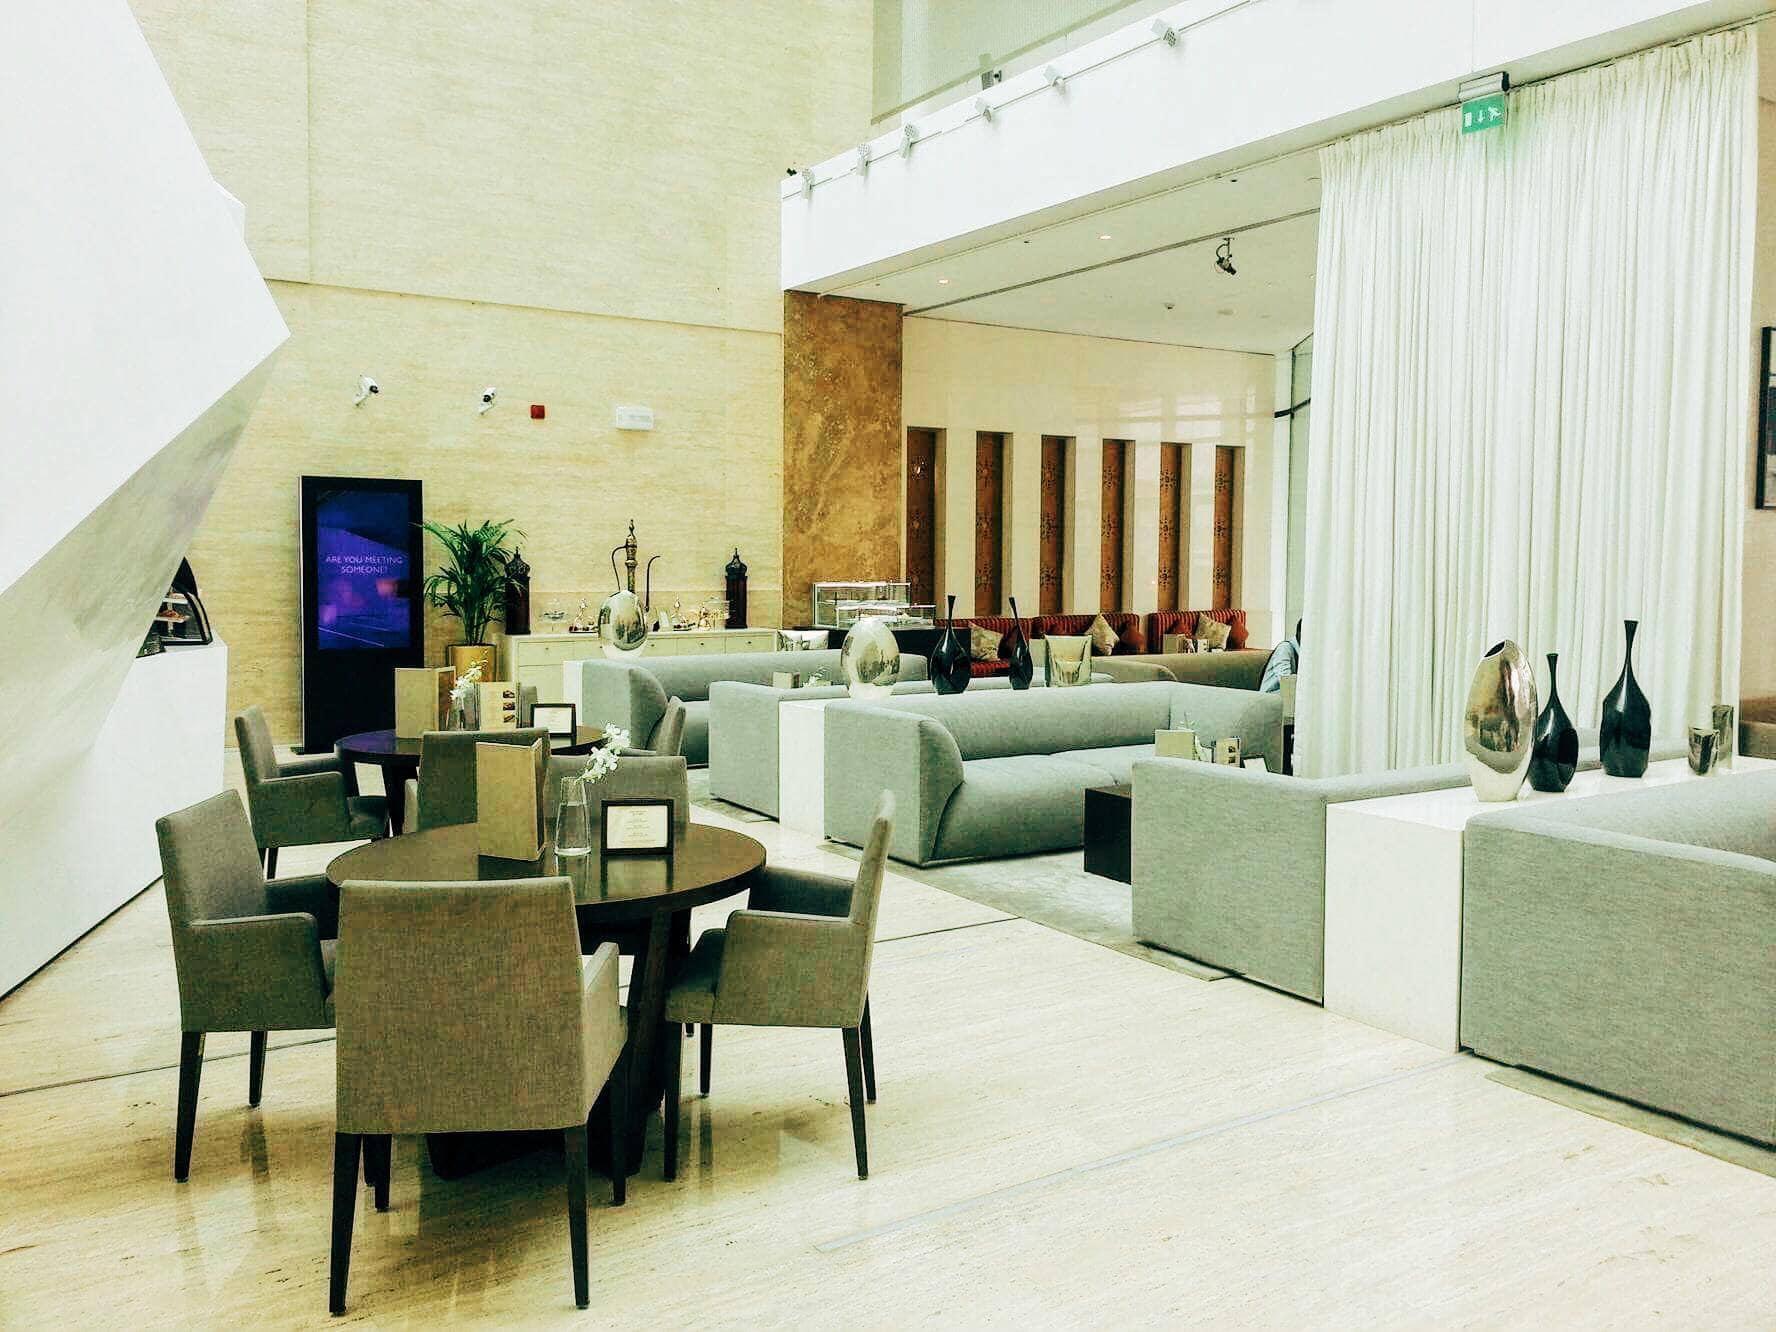 Lobby at Nassima Royal Hotel.